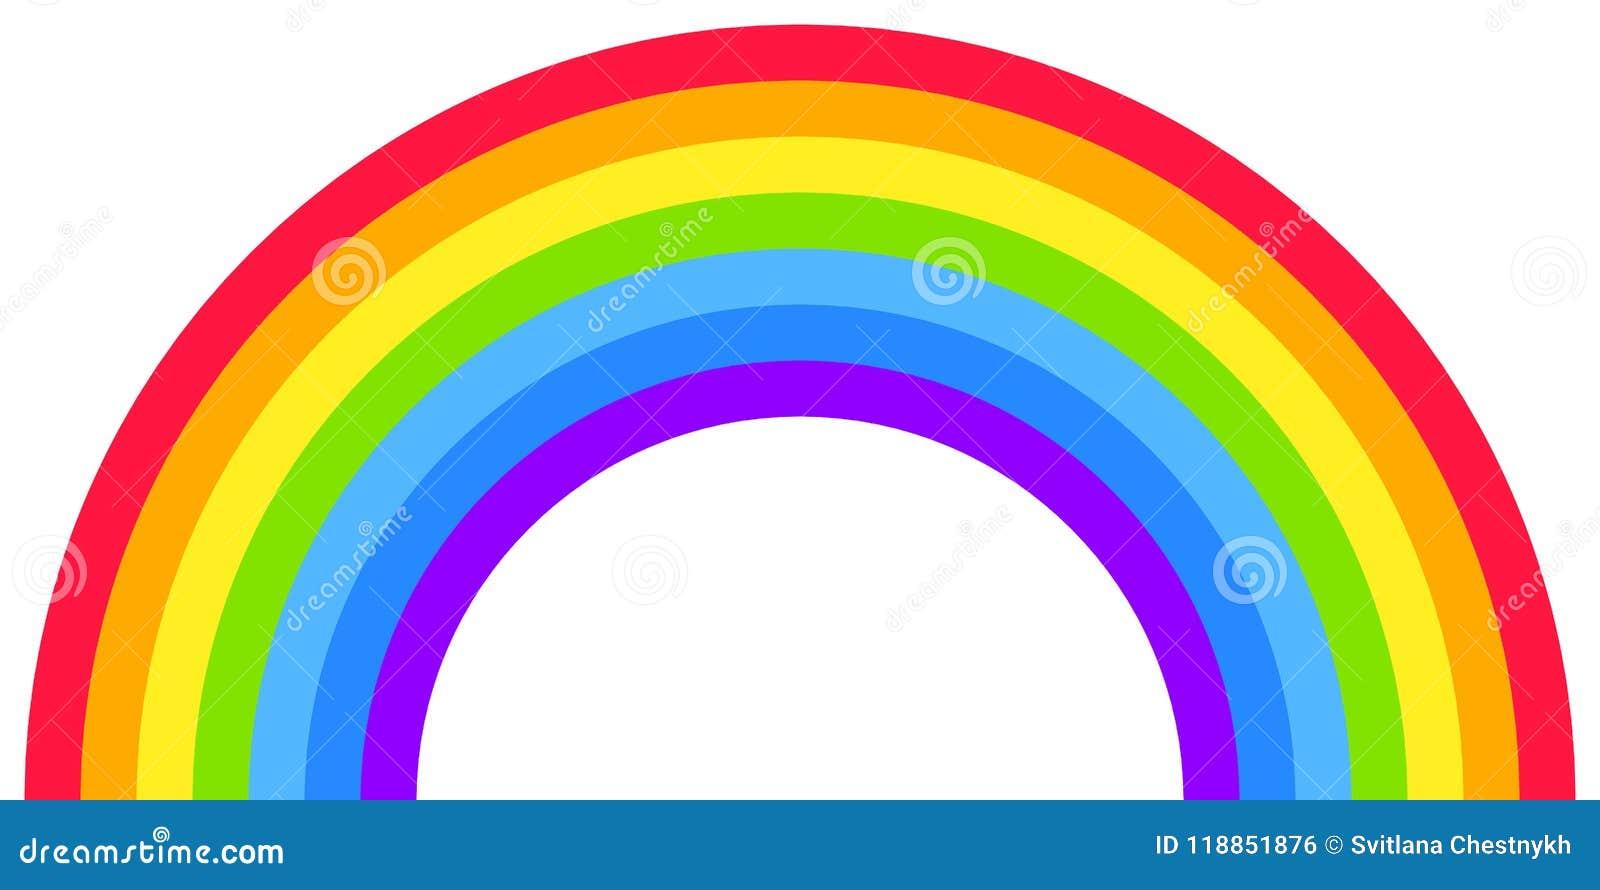 Μορφή τόξων ουράνιων τόξων, μισός κύκλος, φωτεινά χρώματα φάσματος, ζωηρόχρωμο ριγωτό σχέδιο